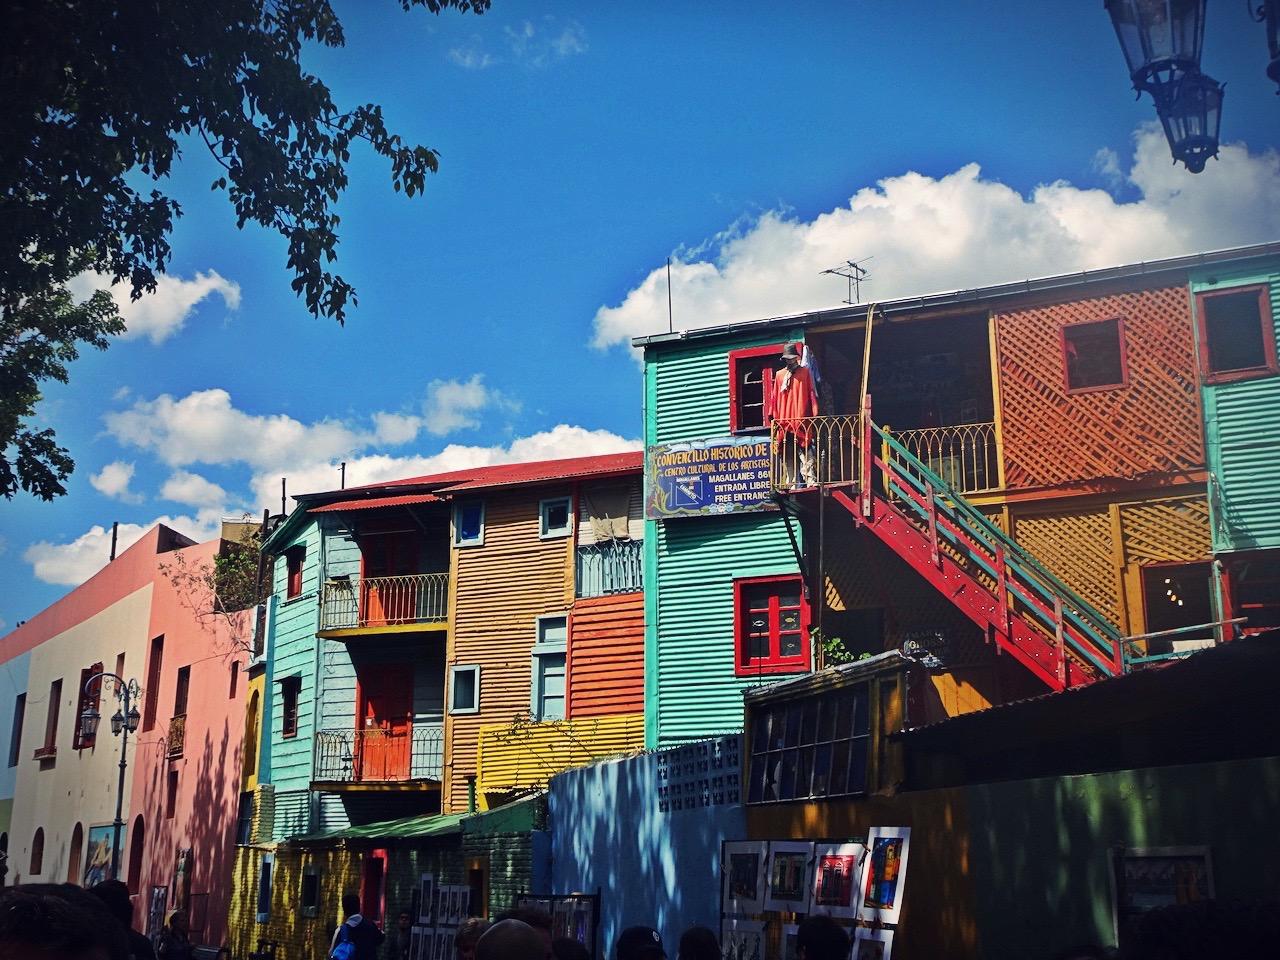 el barrio La Boca in Buenos Aires